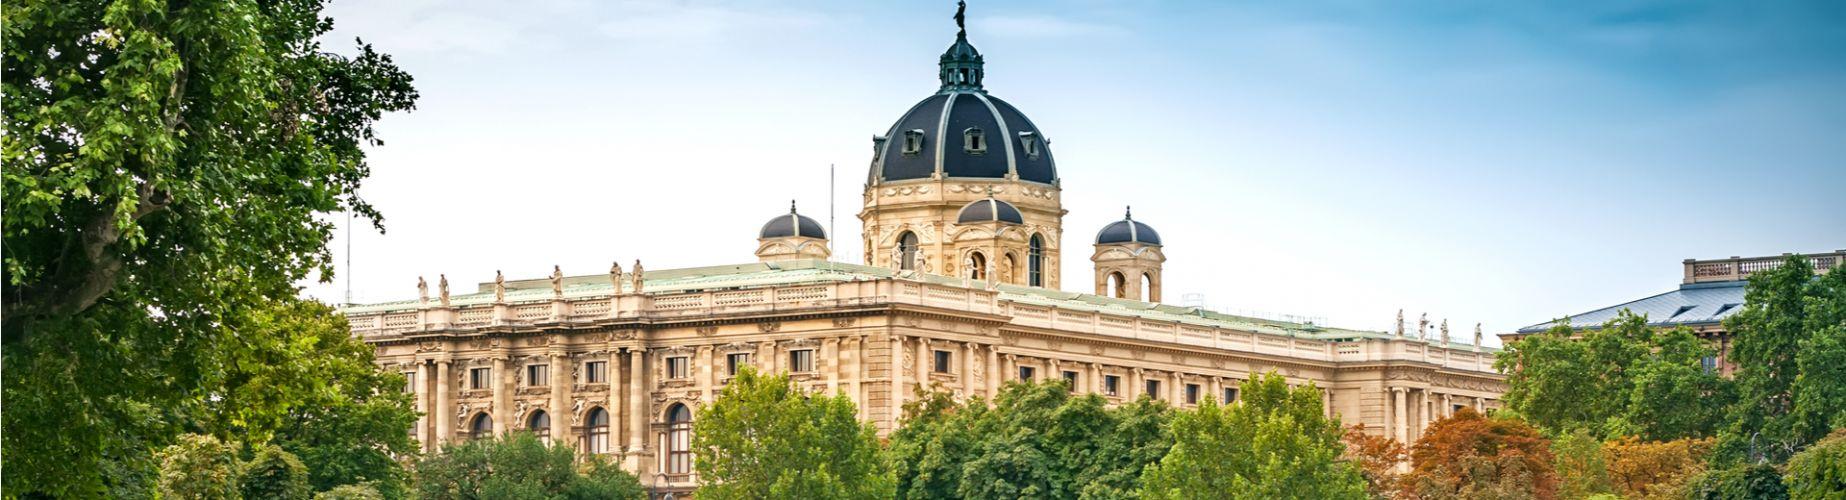 Verbringe ein Wochenende in der Wiener City